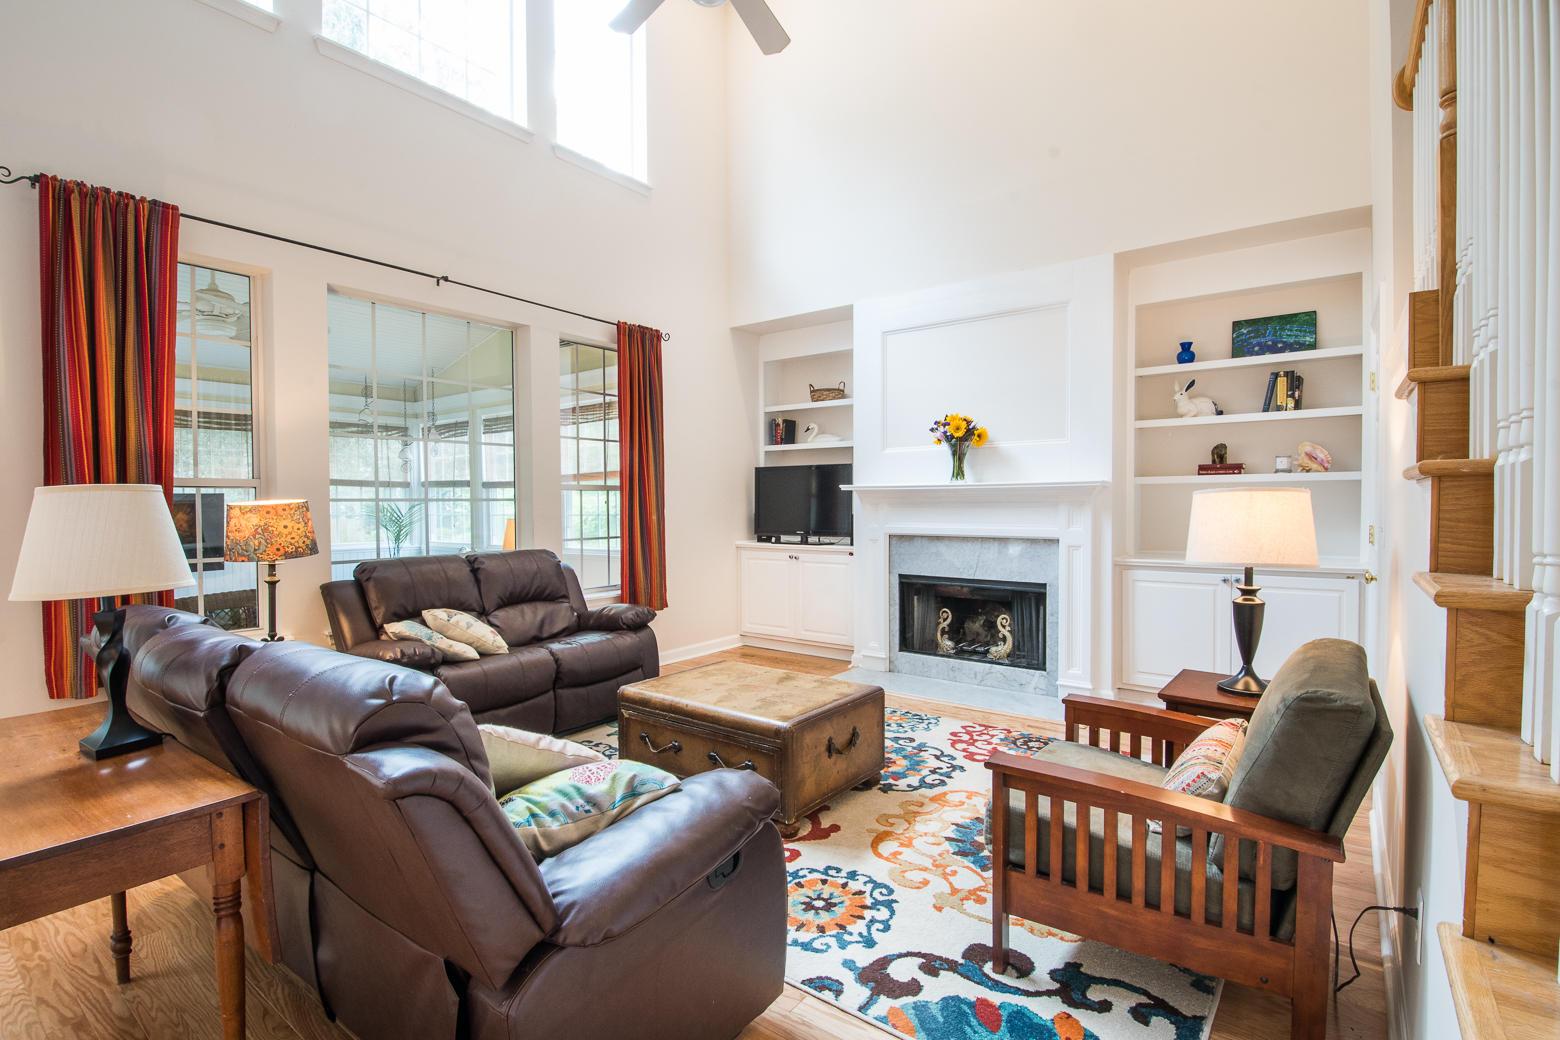 Dunes West Homes For Sale - 1111 Black Rush, Mount Pleasant, SC - 28